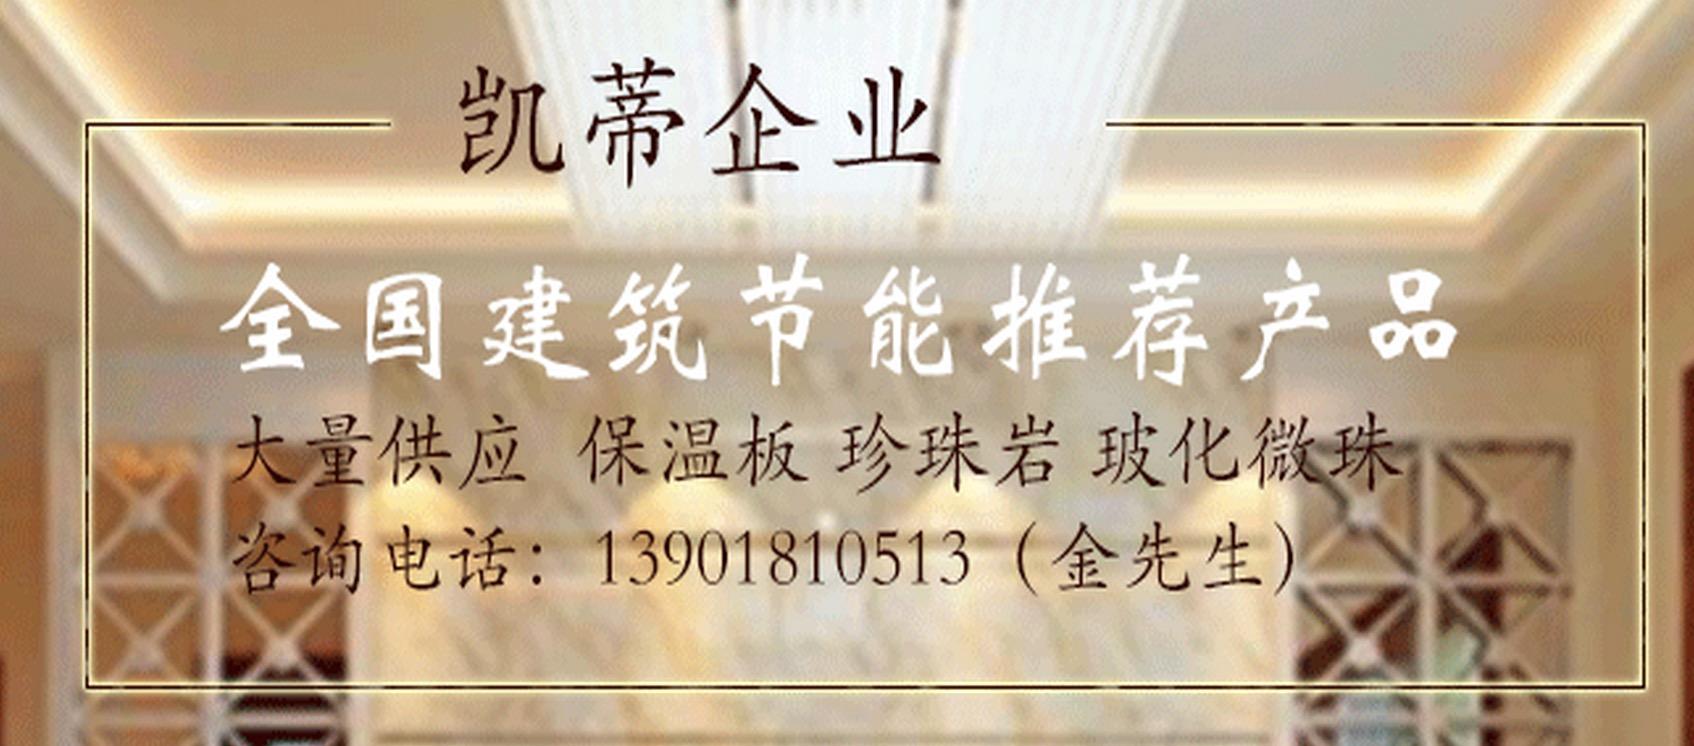 网络推广之江苏泰州无机保温砂浆厂家签第一年富海360